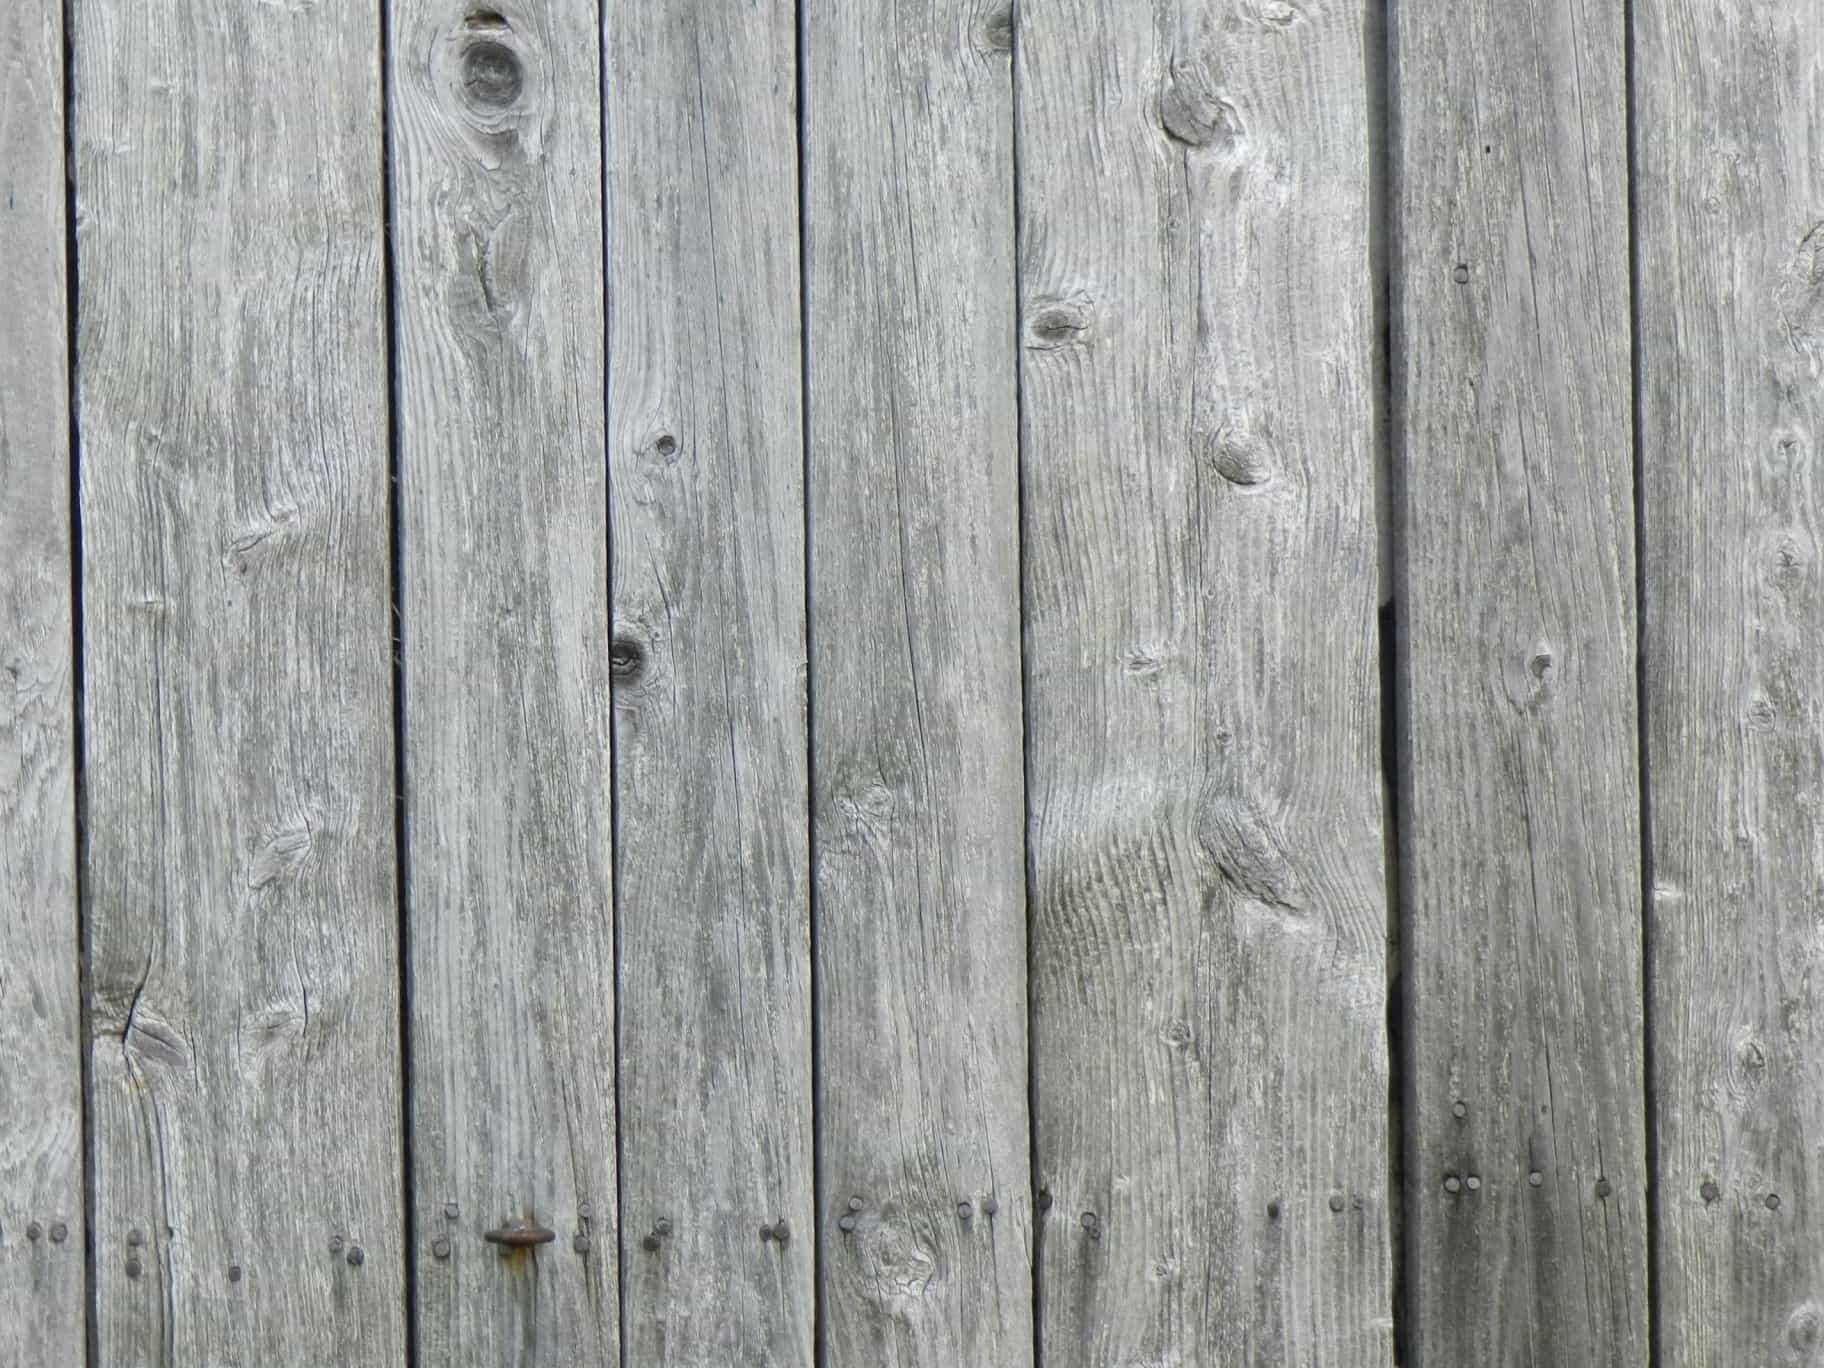 image libre  plancher bois franc  surface  vieille  mur